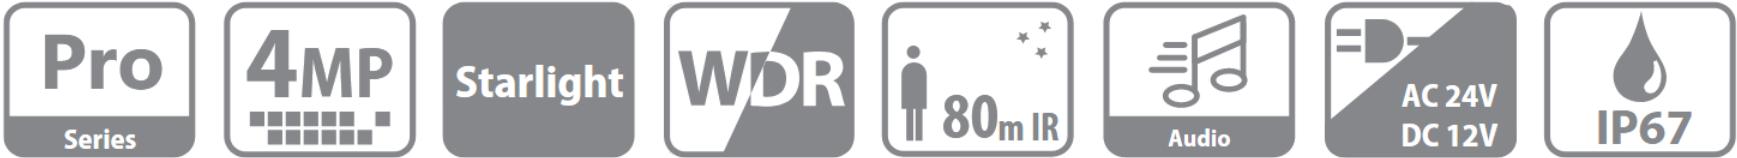 Badges_3.png